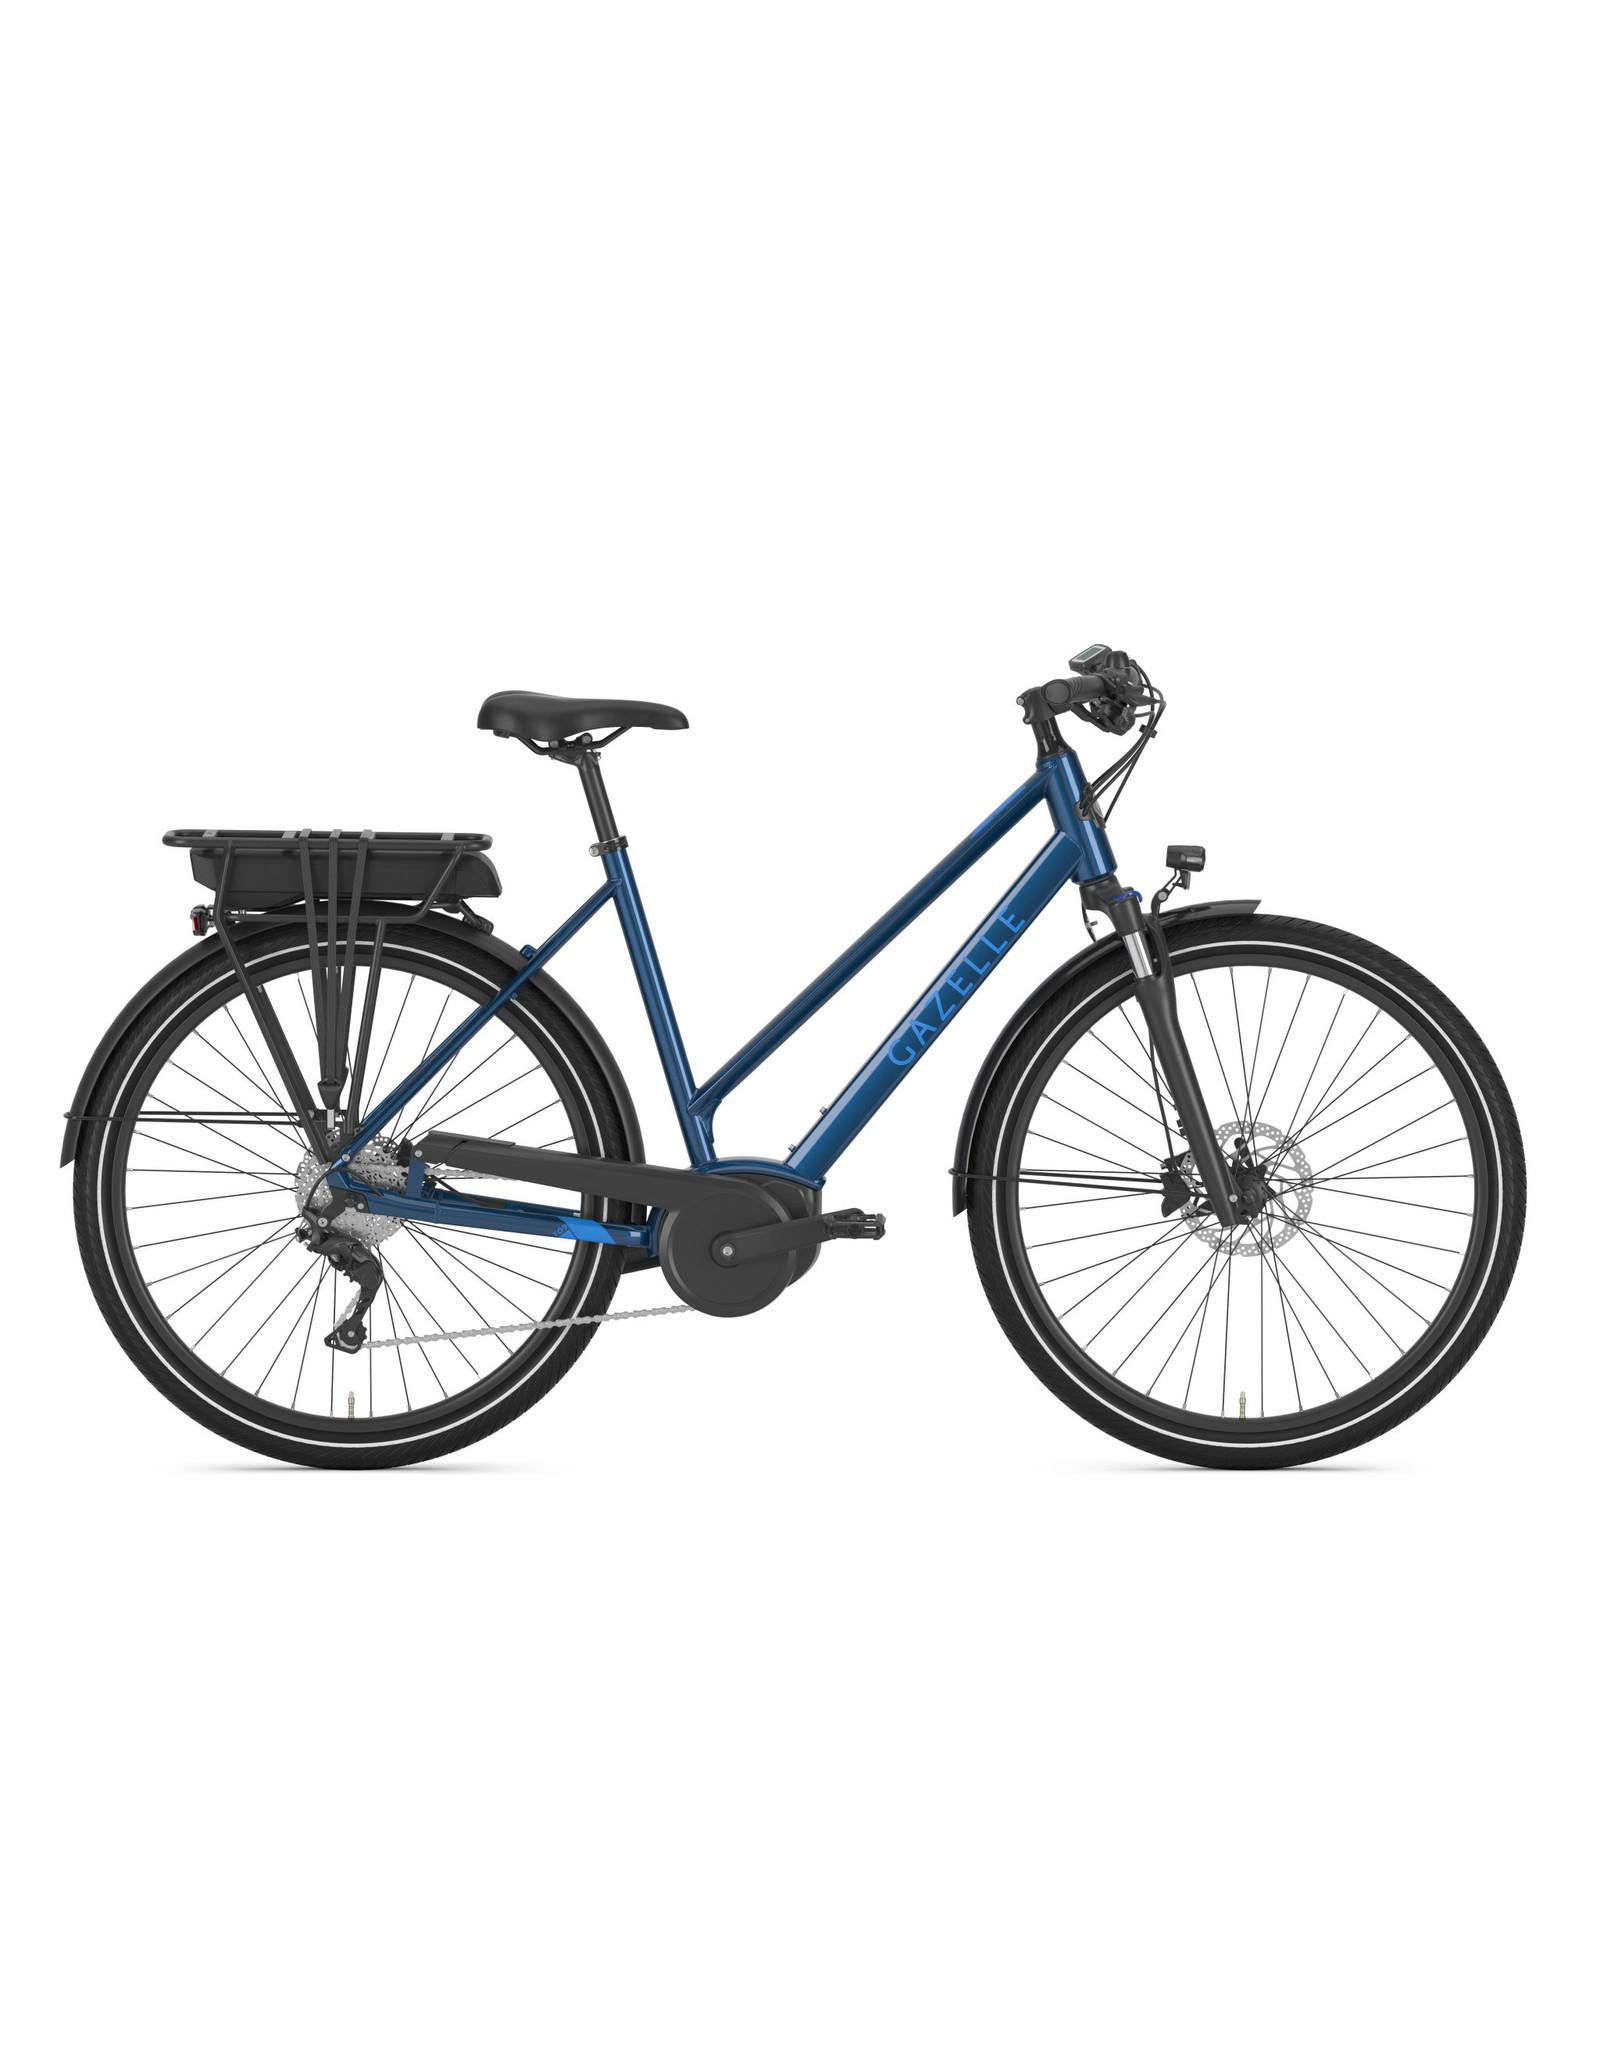 GAZELLE Gazelle Medeo T9 CITY LOW-STEP Mallard BLUE Ebike